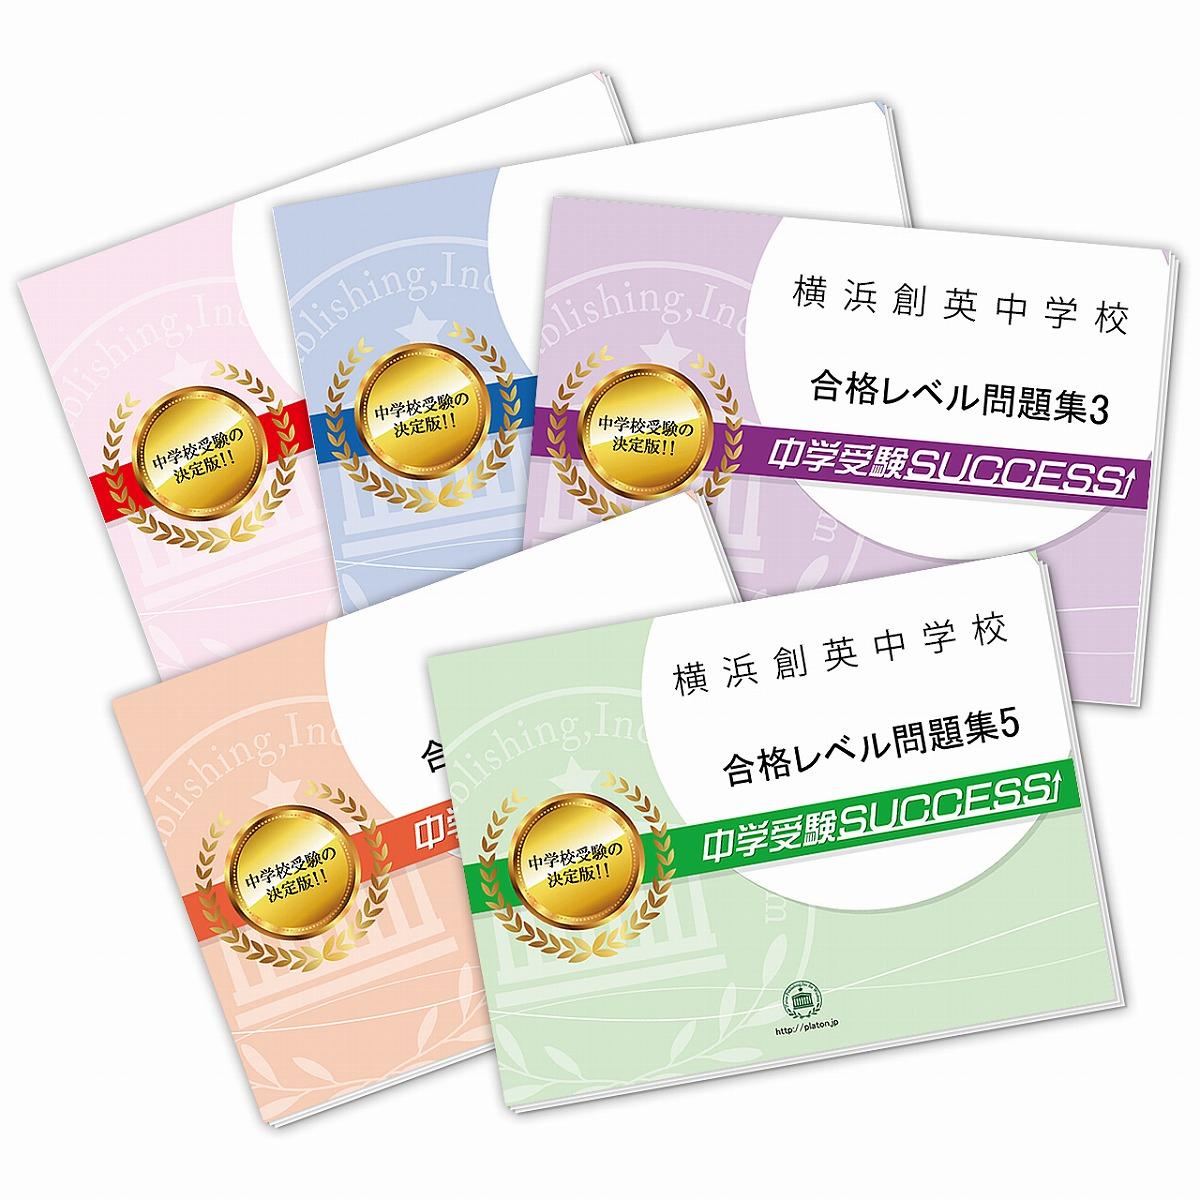 【送料・代引手数料無料】横浜創英中学校・直前対策合格セット(5冊)